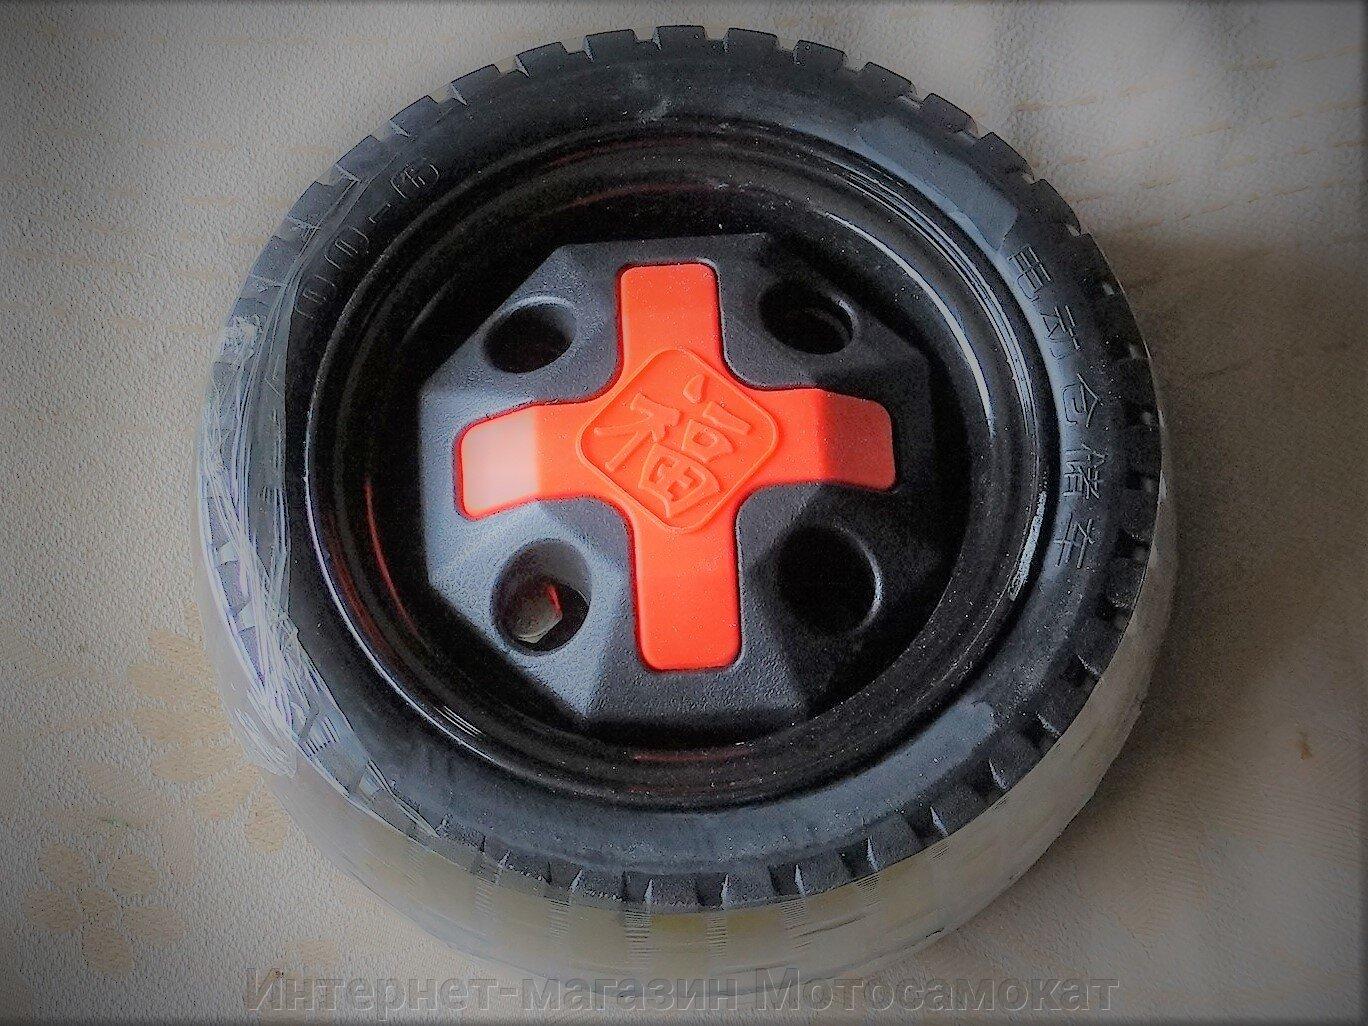 Литое колесо размерностью 4.00-6, с декоративным колпаком в комплекте: